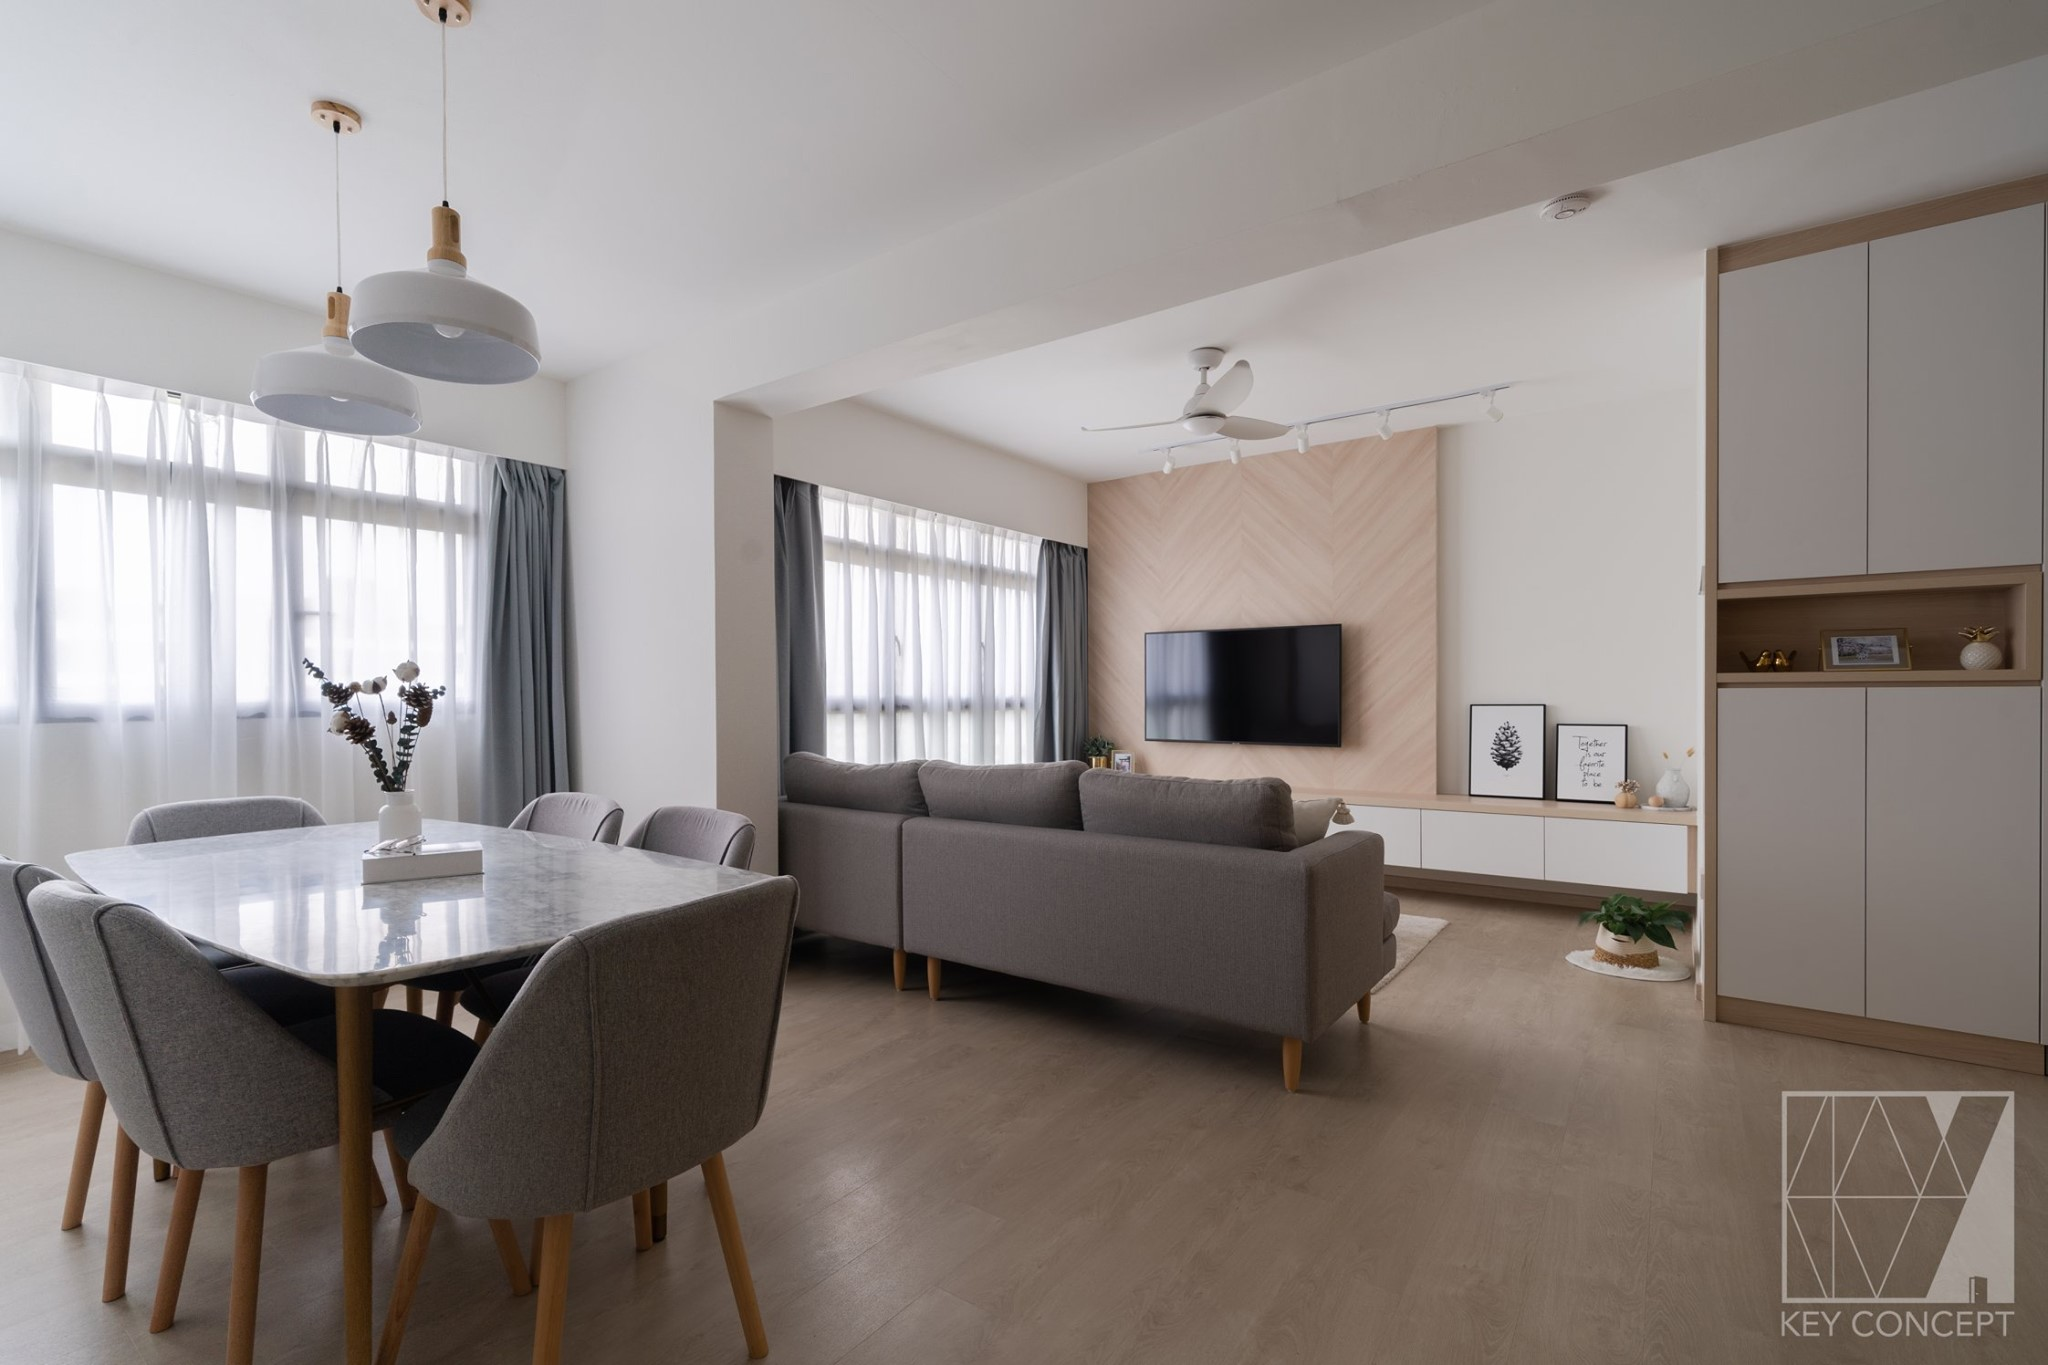 4-room resale @ canberra crescent